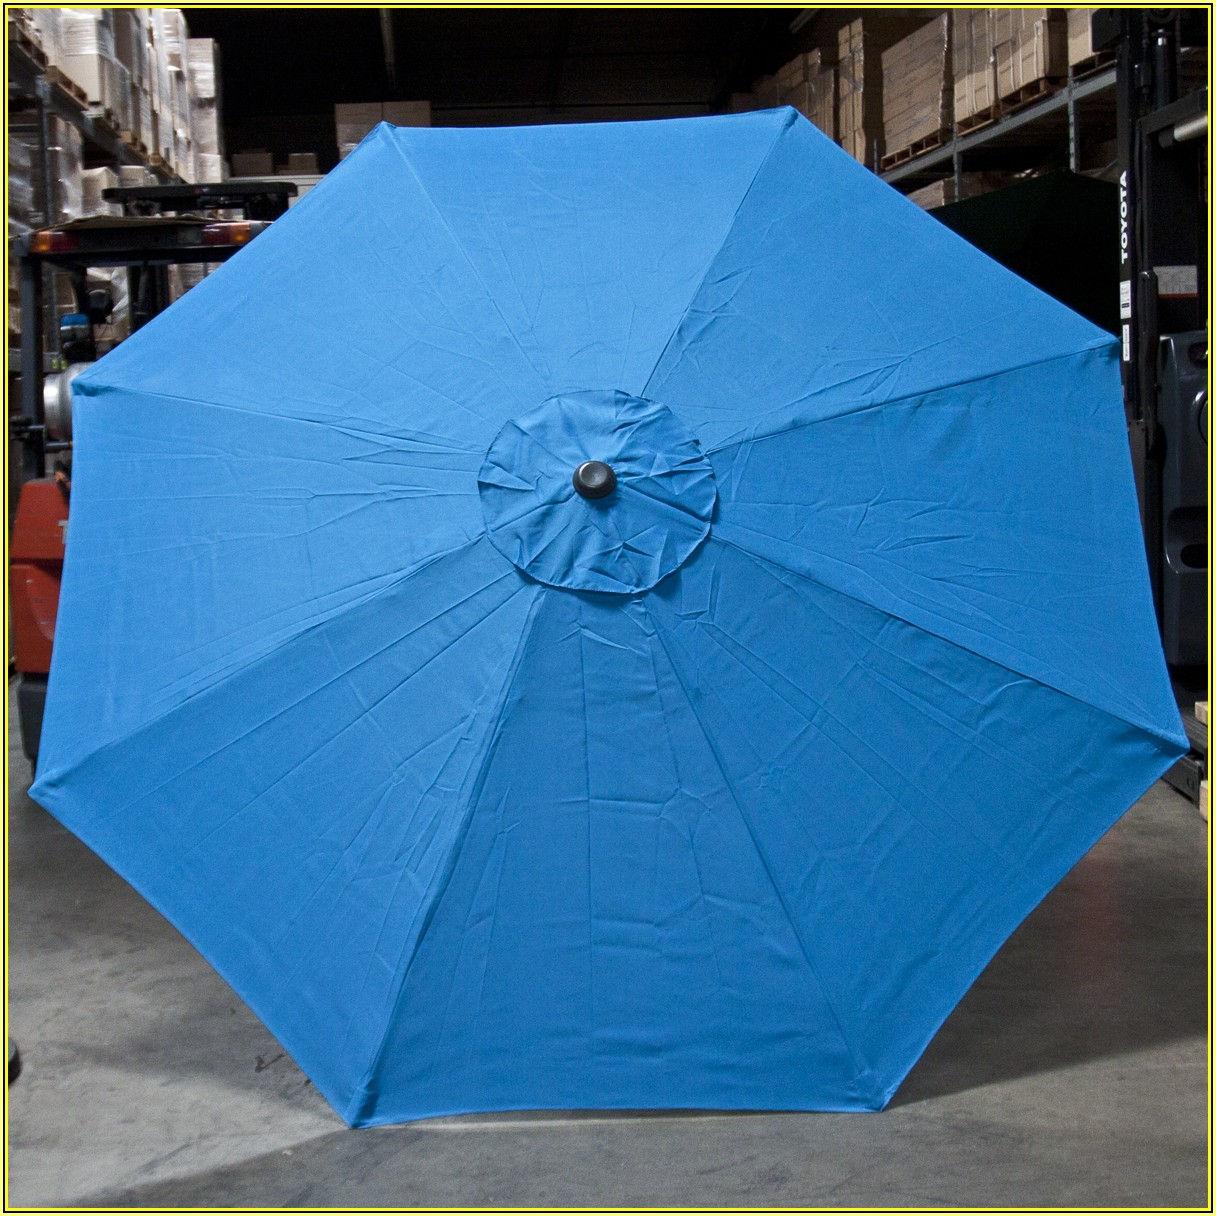 Best Patio Umbrella Cover